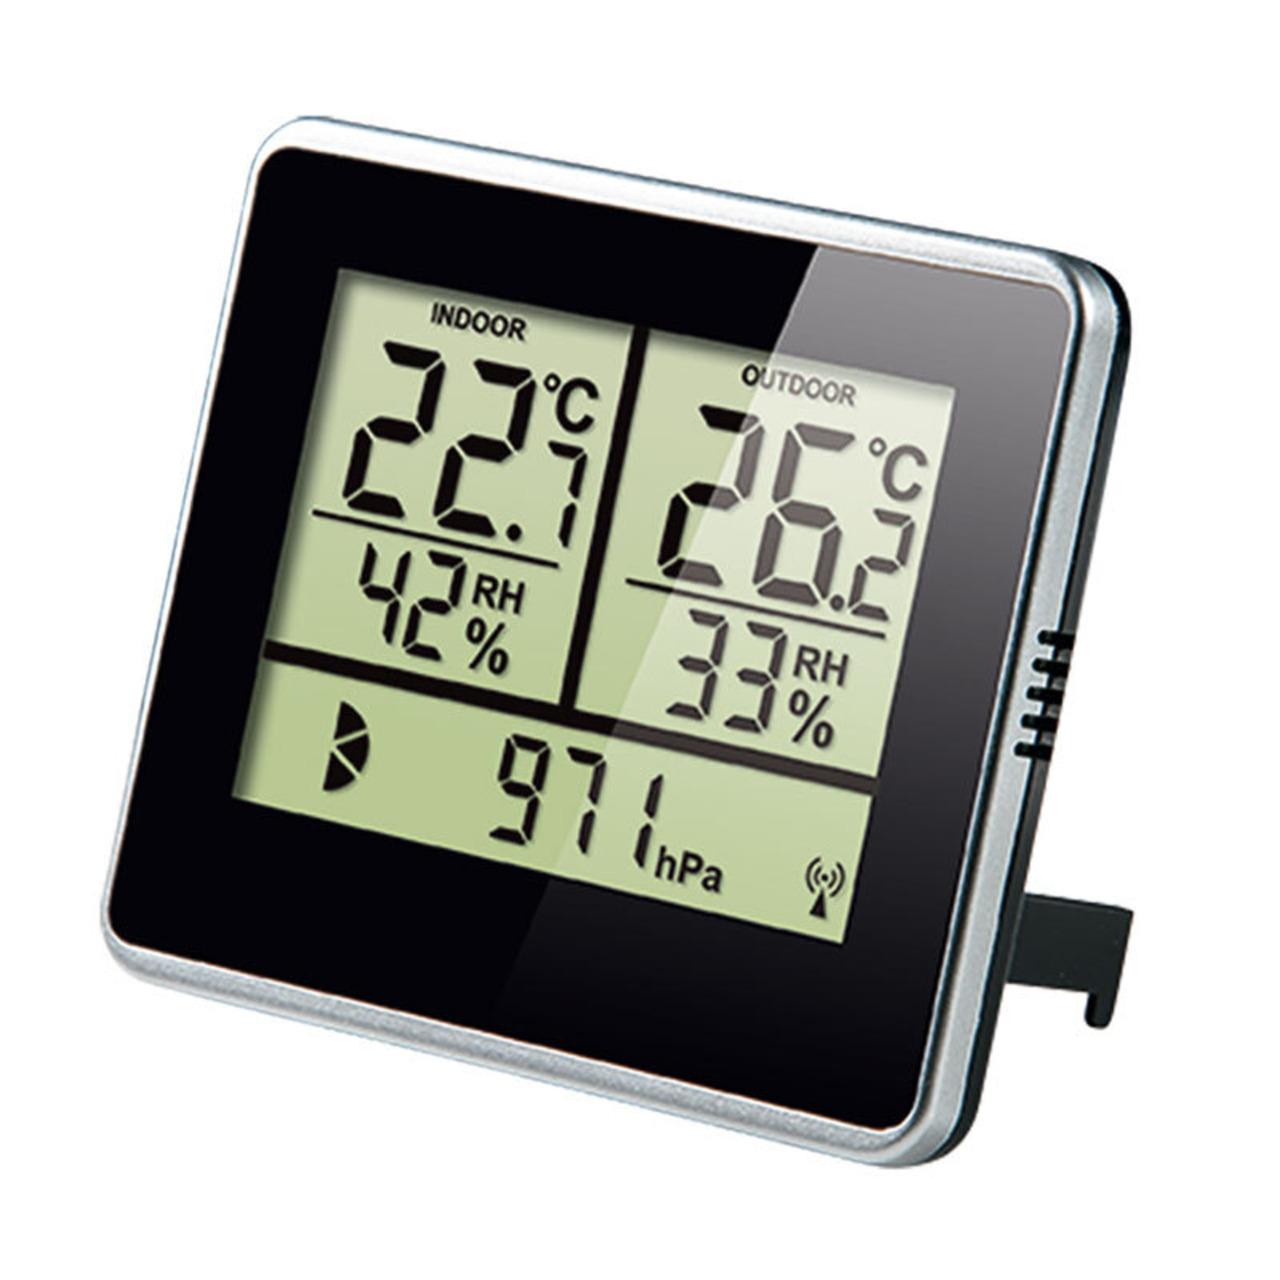 ELV Homematic Komplettbausatz Wetterdaten-Anzeige WA100HM für Smart Home - Hausautomation